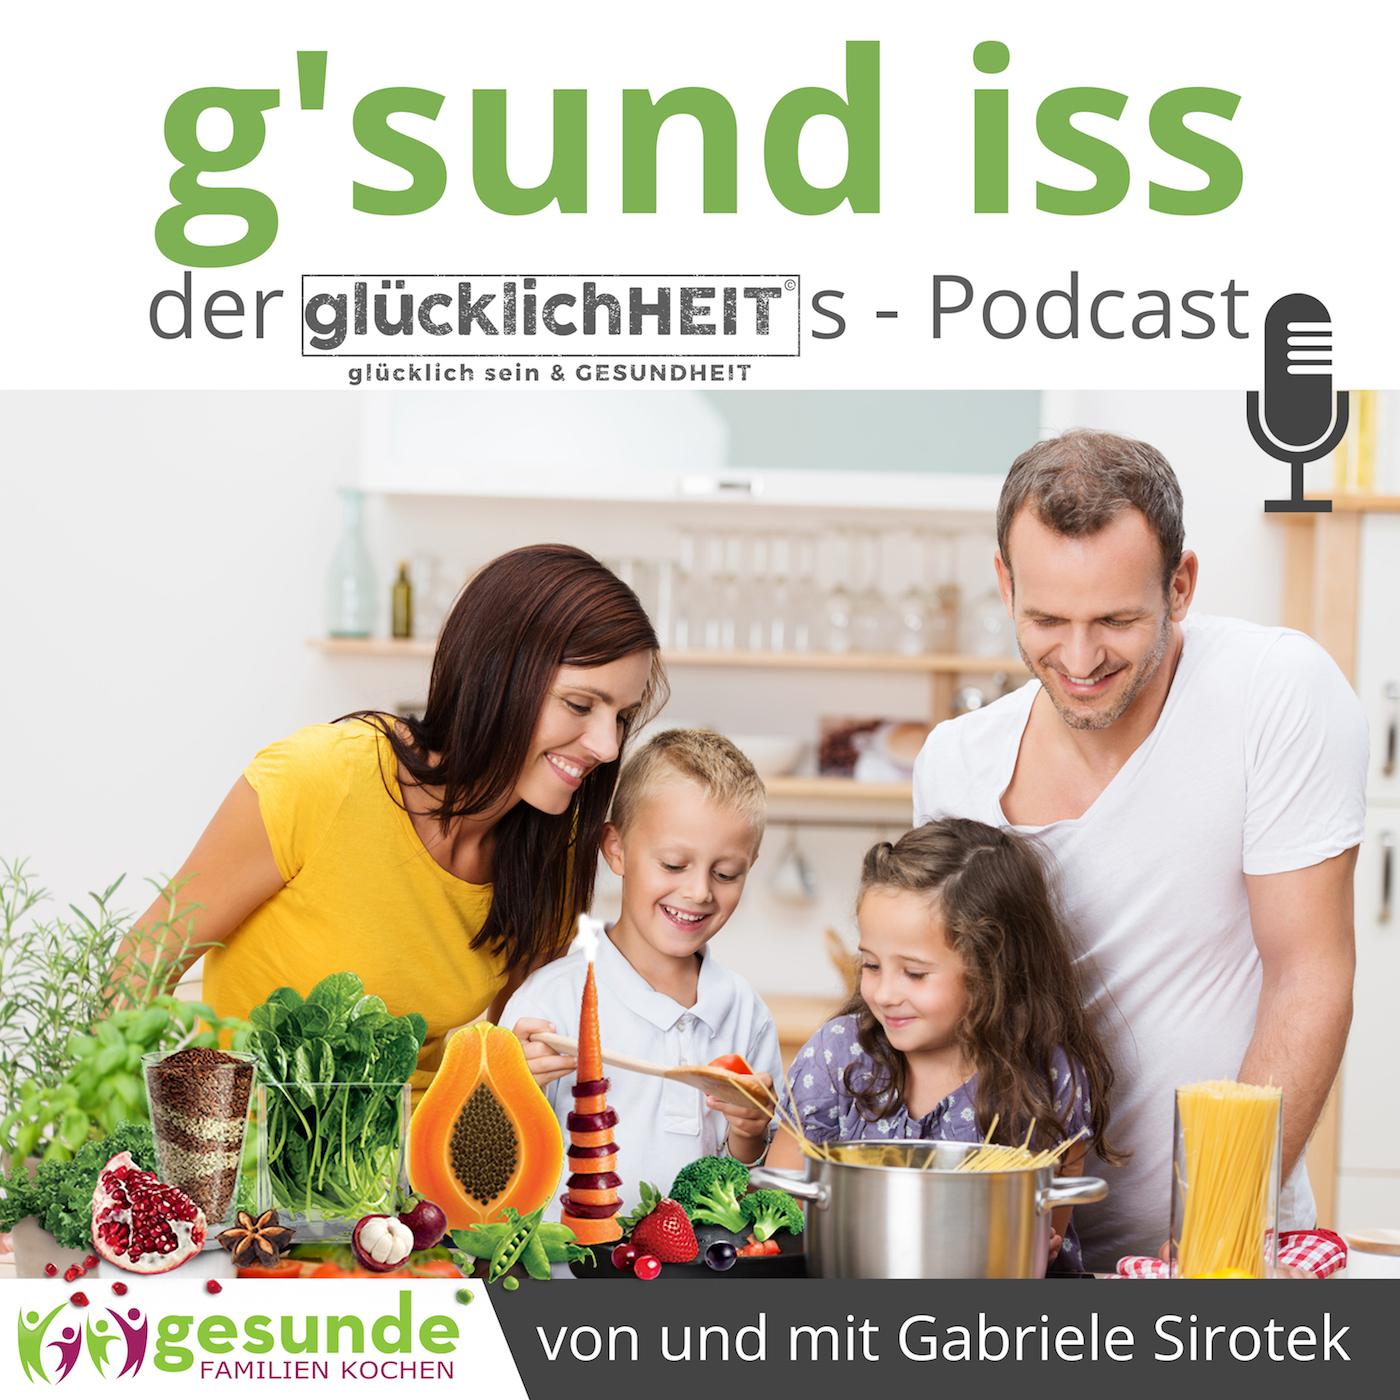 g'sund iss podcast von und mit Gabriele Sirotek show art